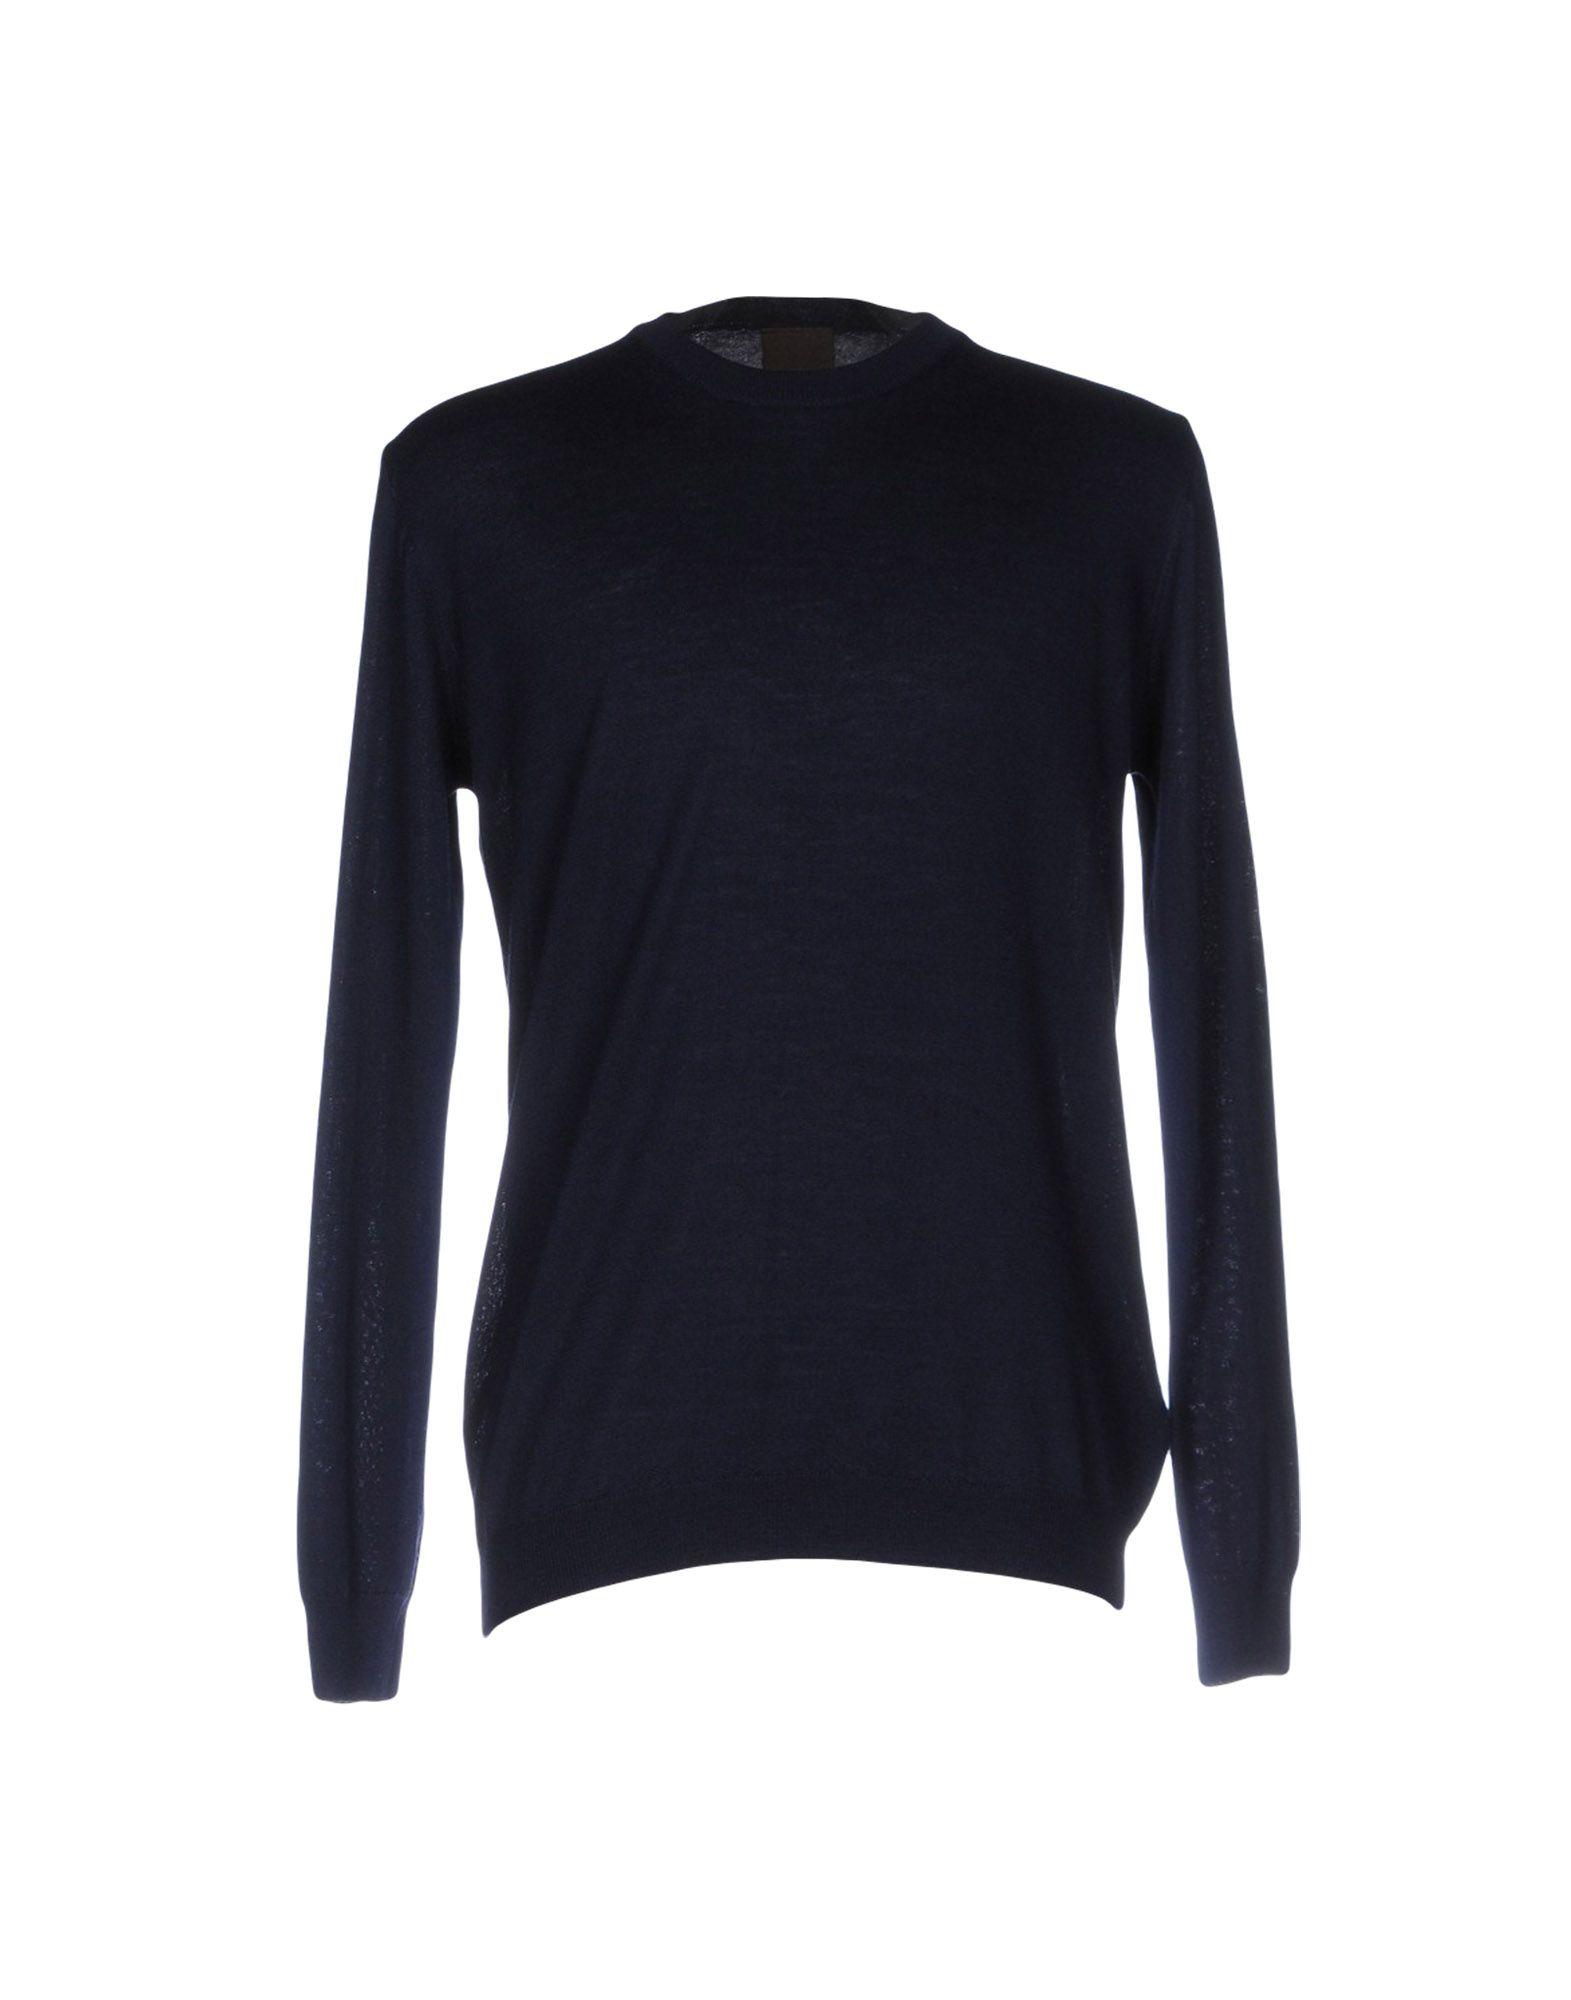 OSCAR JACOBSON Sweater in Dark Blue